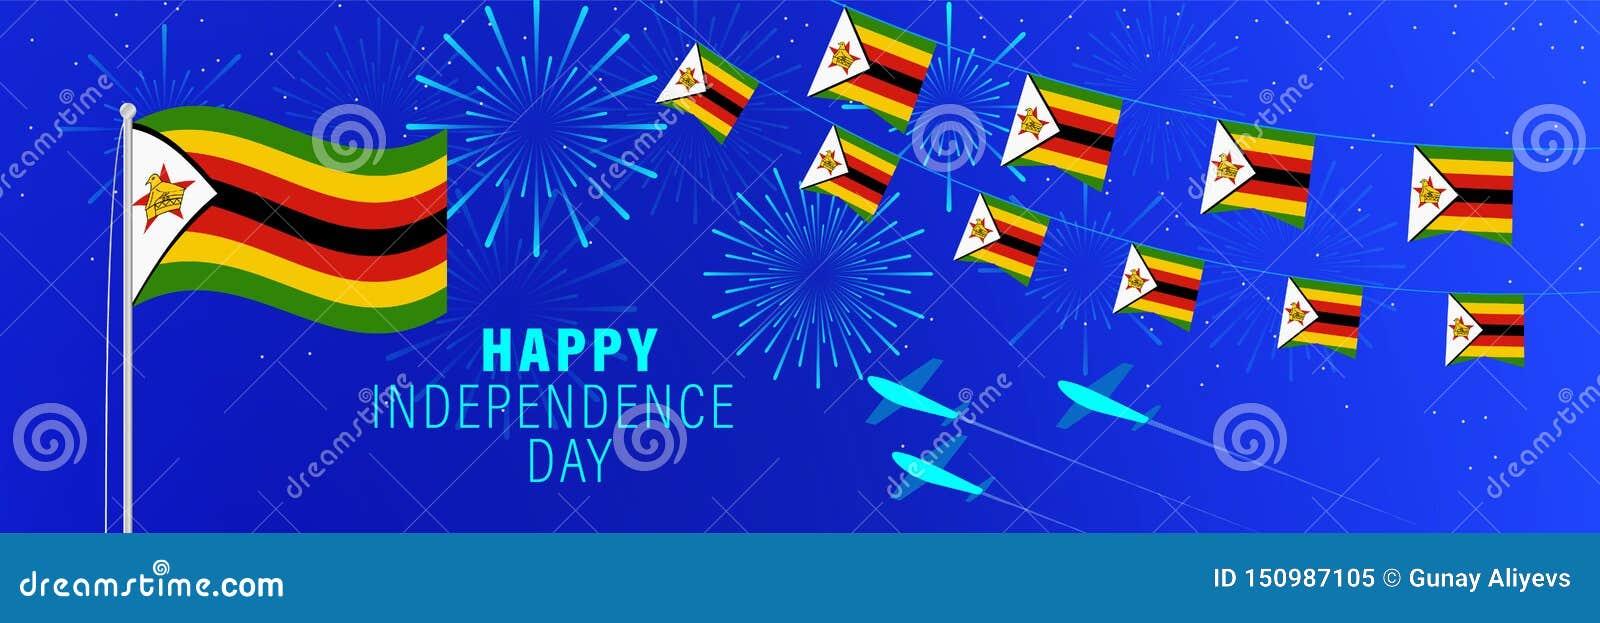 Unabhängigkeitstag-Grußkarte Aprils 18 Simbabwe Feierhintergrund mit Feuerwerken, Flaggen, Fahnenmast und Text